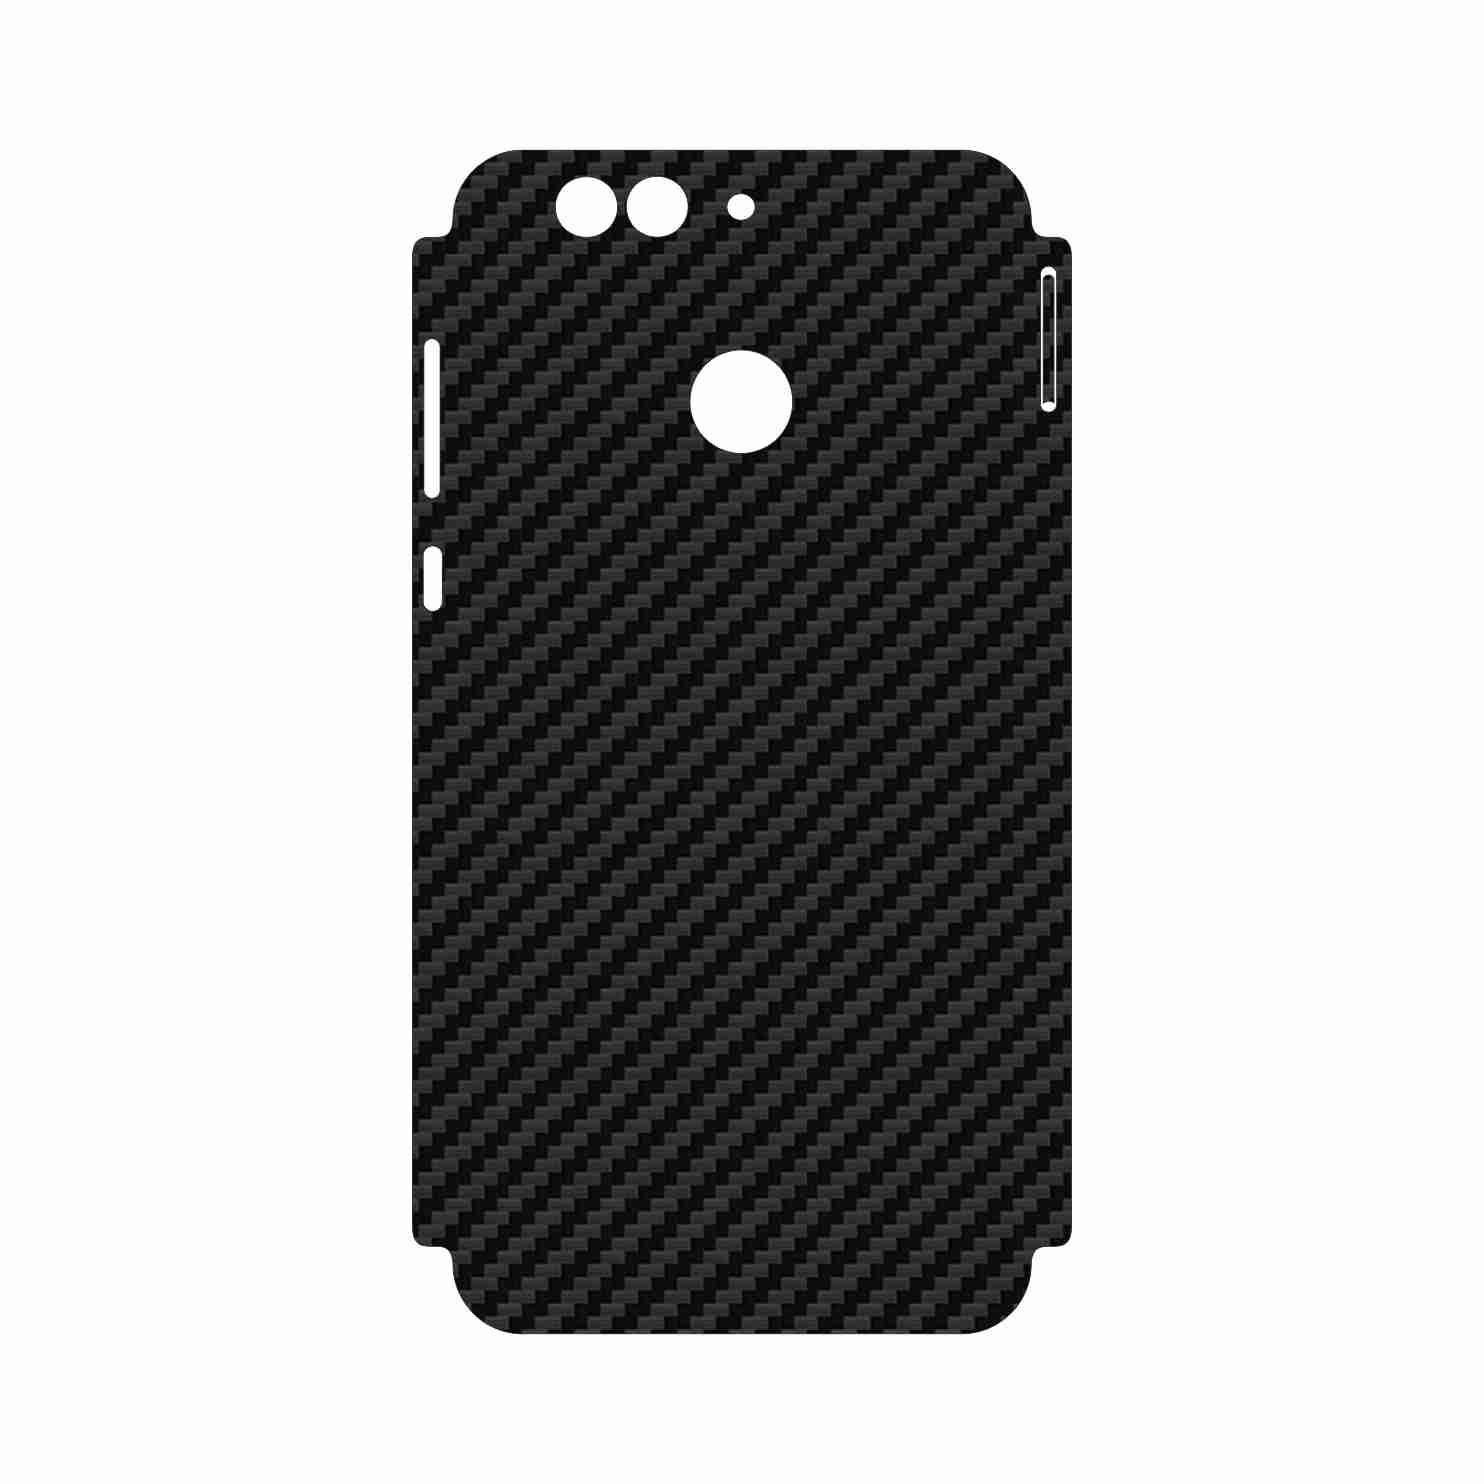 برچسب پوششی مدل FIBR11 مناسب برای گوشی موبایل هوآوی Nova 2 Plus